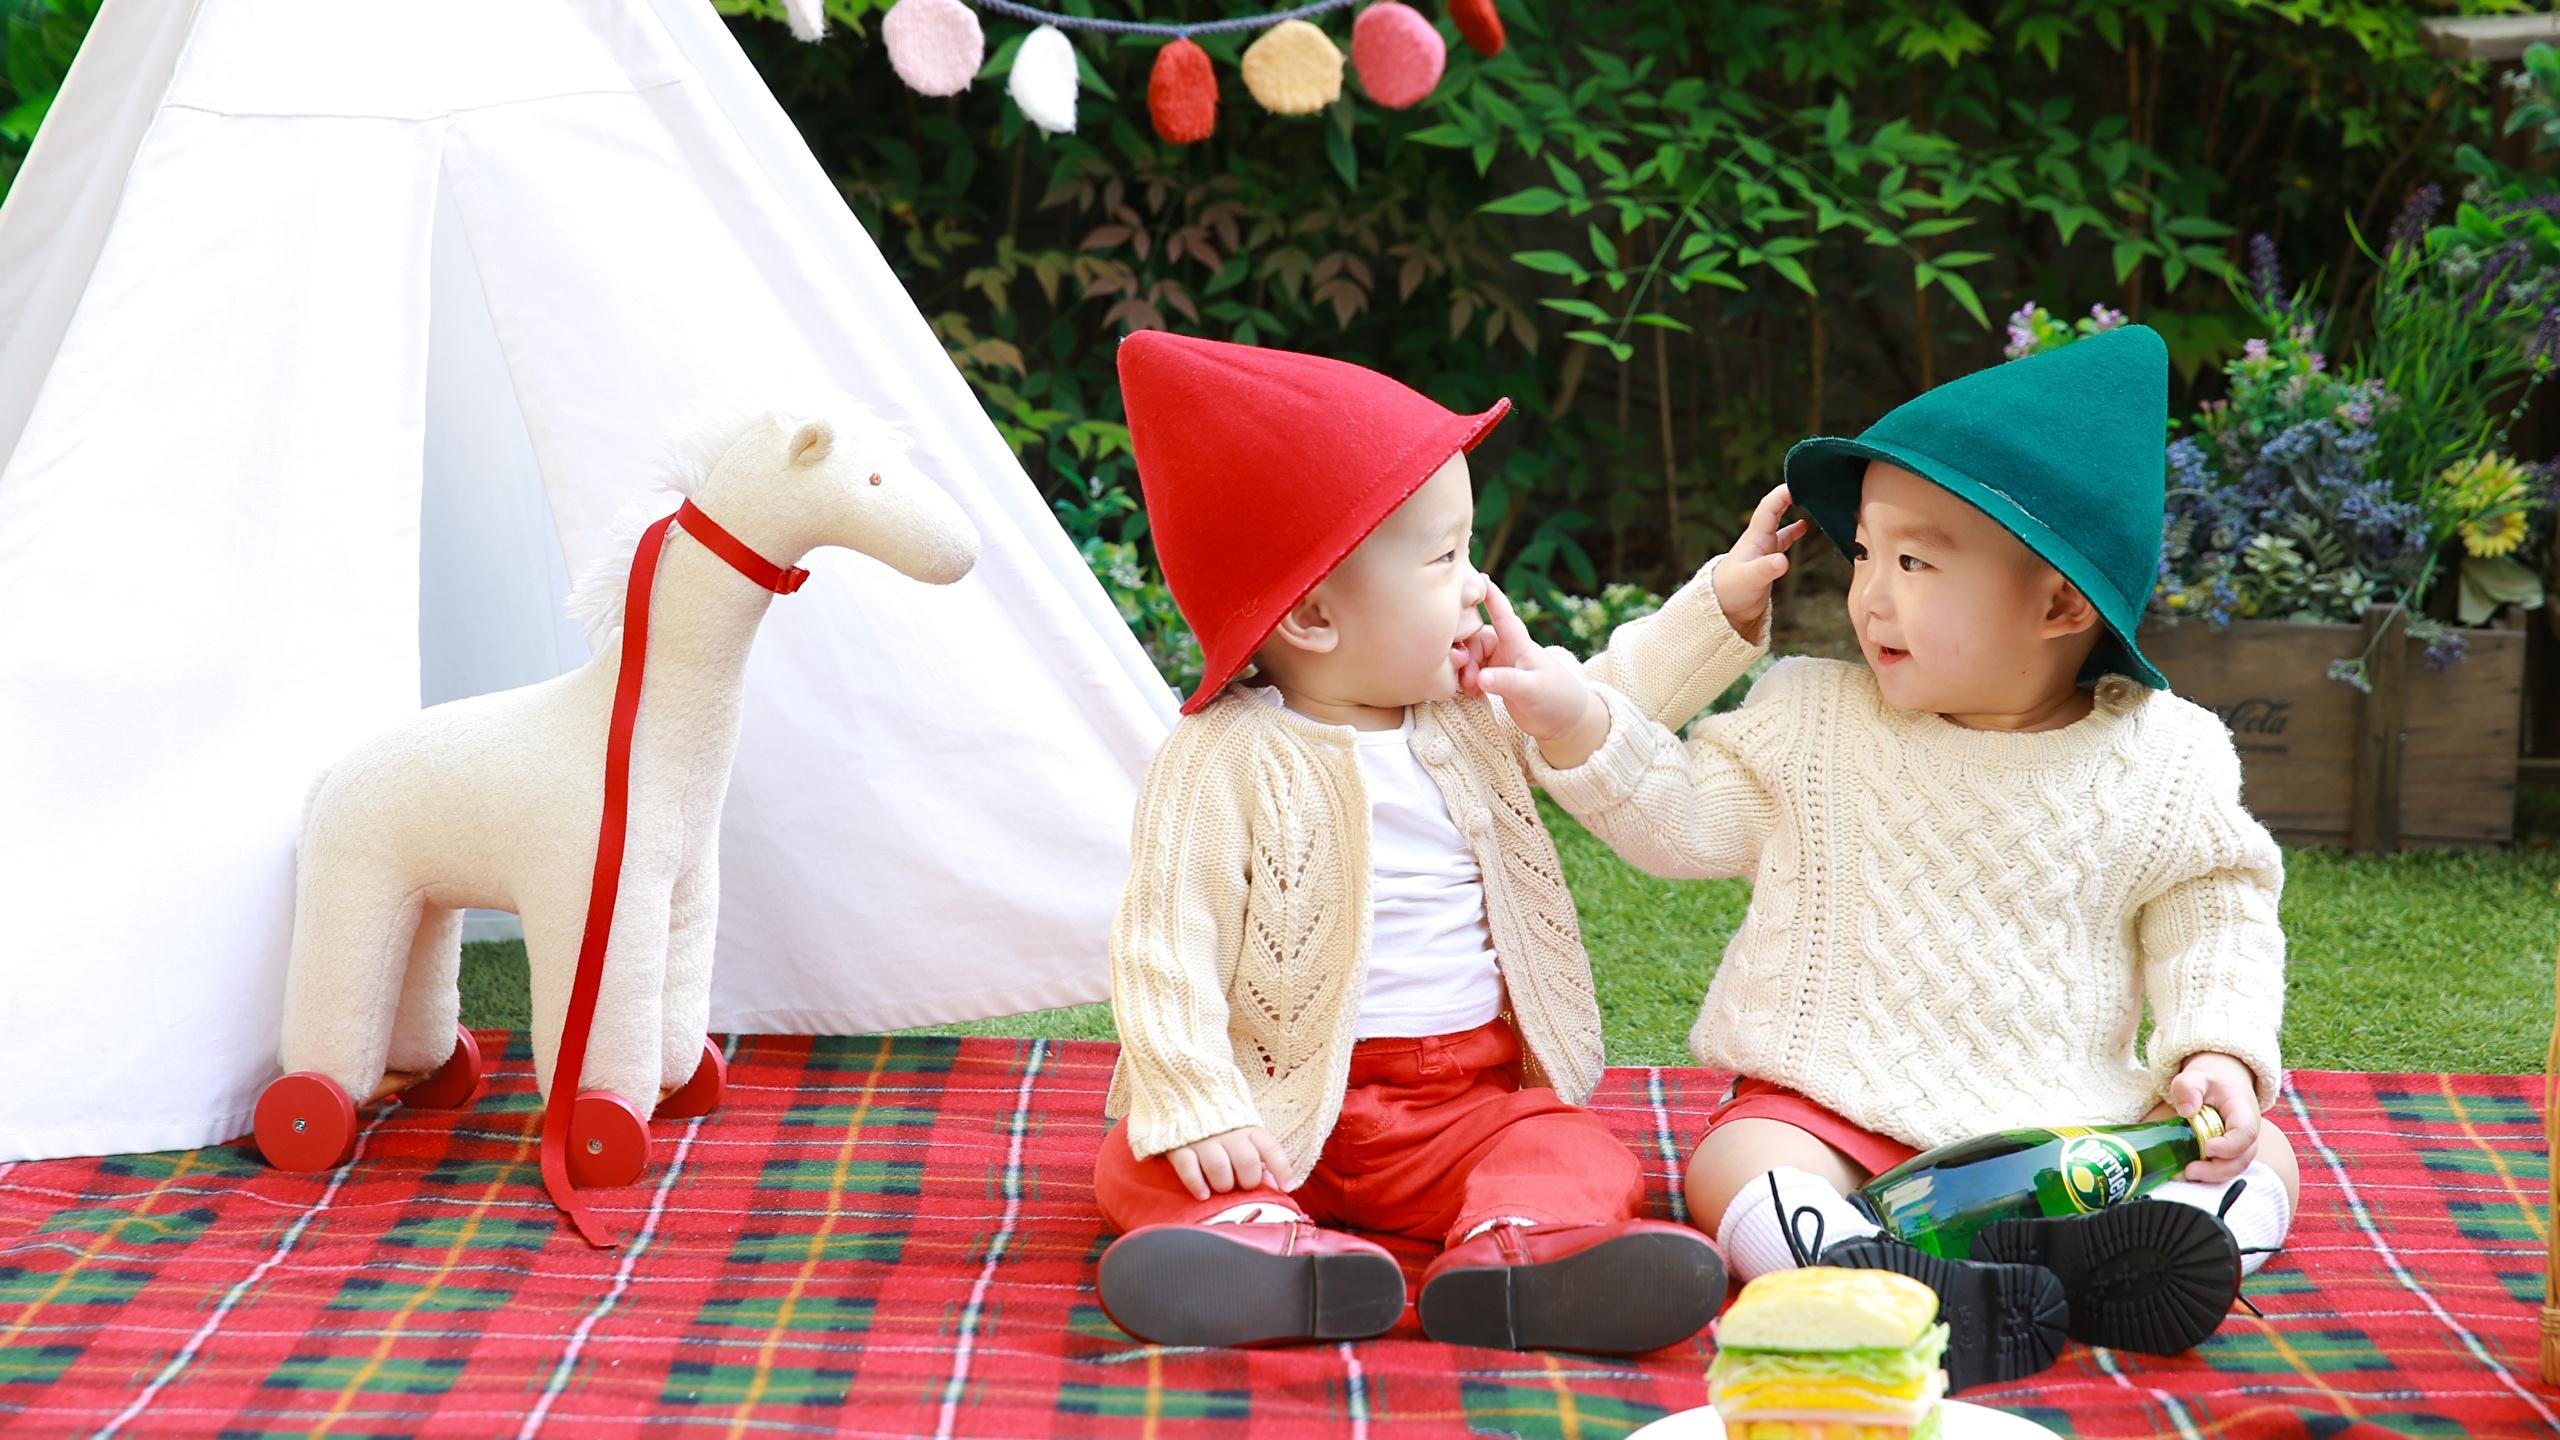 Bilder von jungen Kinder 2 Mütze Sweatshirt Asiatische sitzt 2560x1440 Junge Zwei sitzen Sitzend